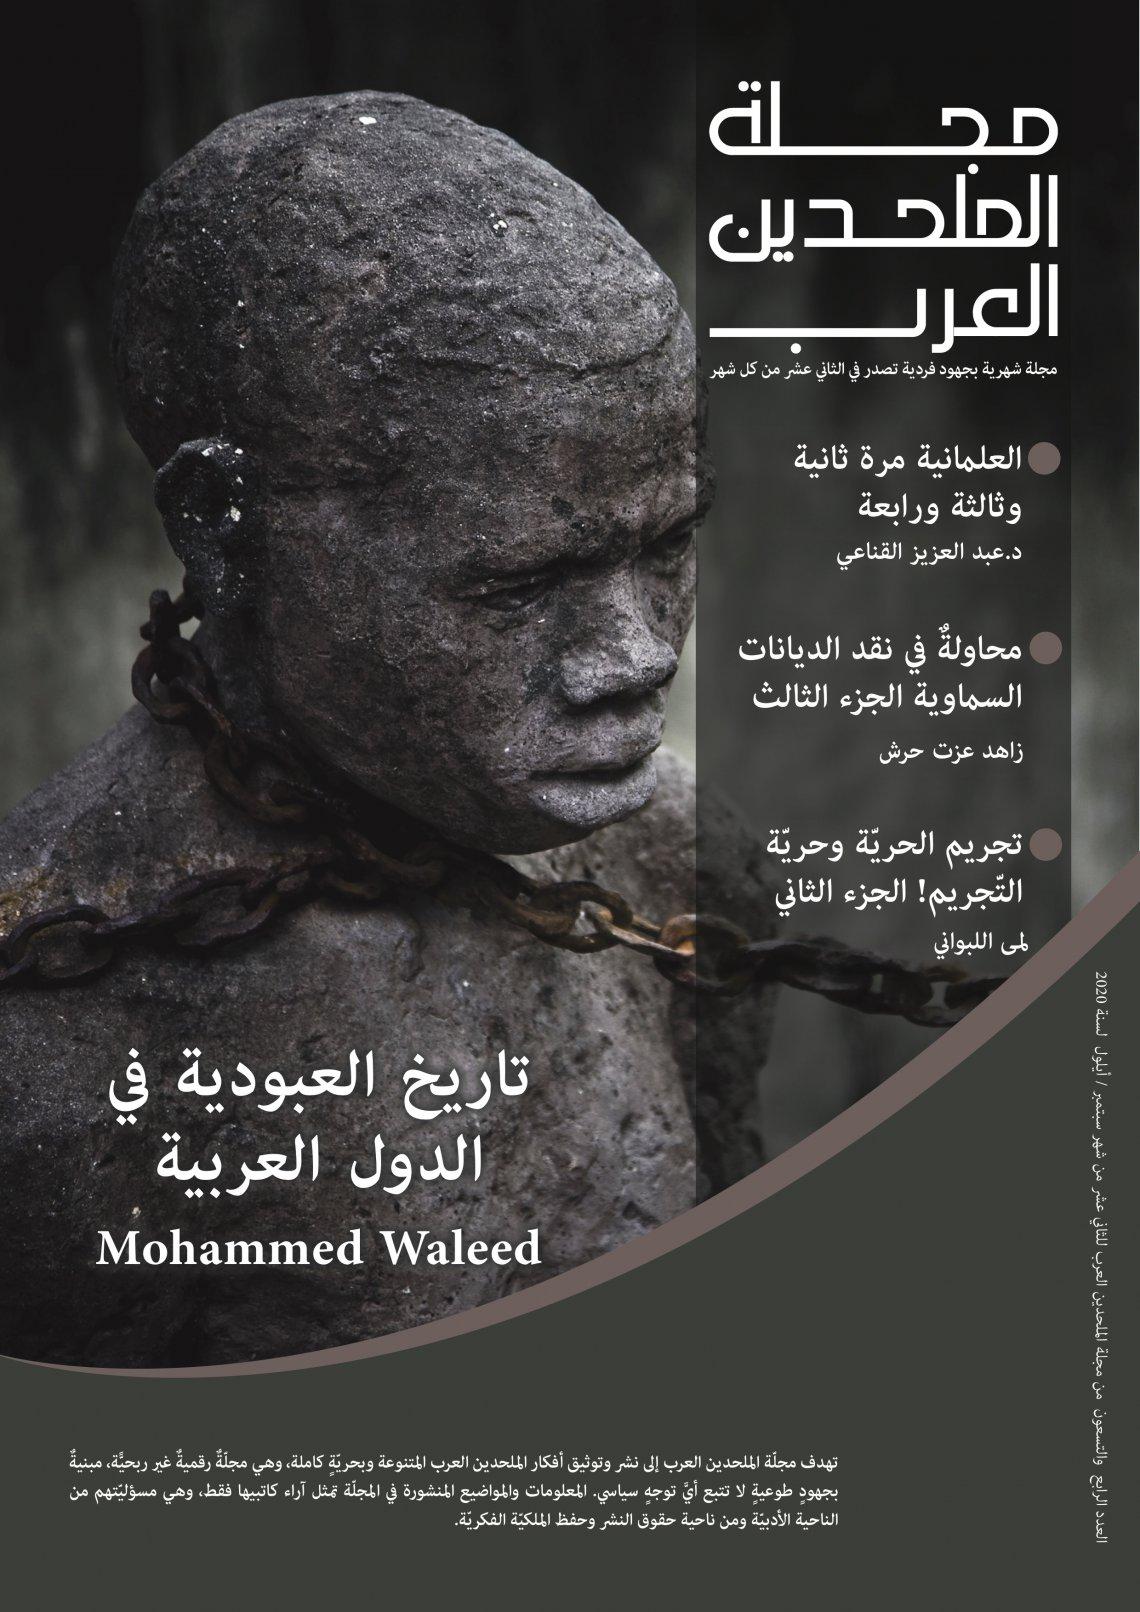 مجلة الملحدين العرب: العدد الرابع والتسعون / سبتمبر أيلول / 2020